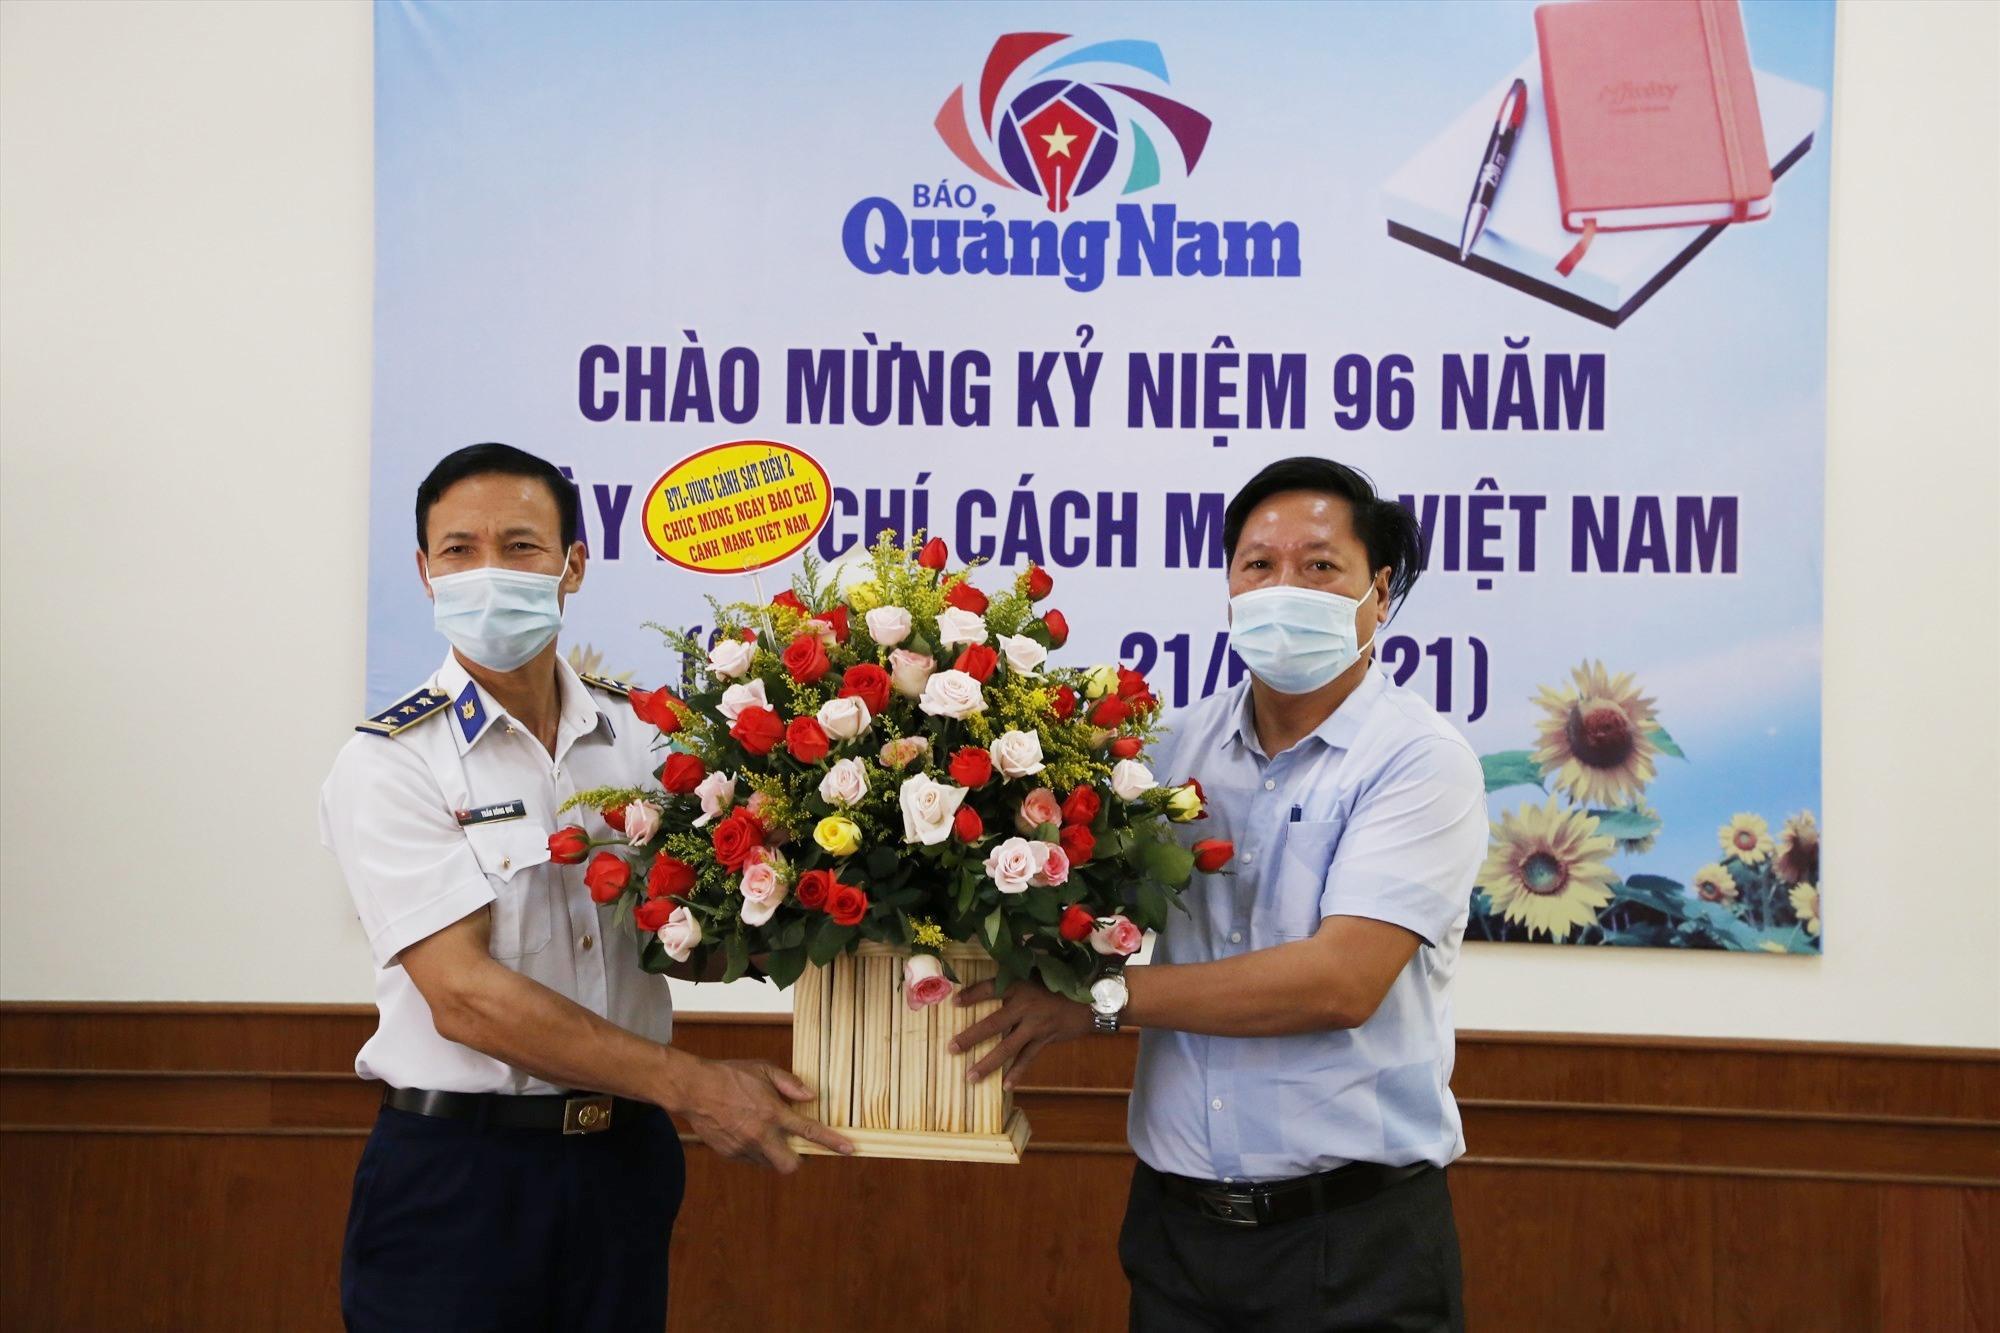 Đại diện lãnh đạo Bộ tư lệnh Vùng Cảnh sát biển 2 thăm, tặng hoa Báo Quảng Nam nhân kỷ niệm 96 năm ngày Báo chí cách mạng Việt Nam. Ảnh: T.C